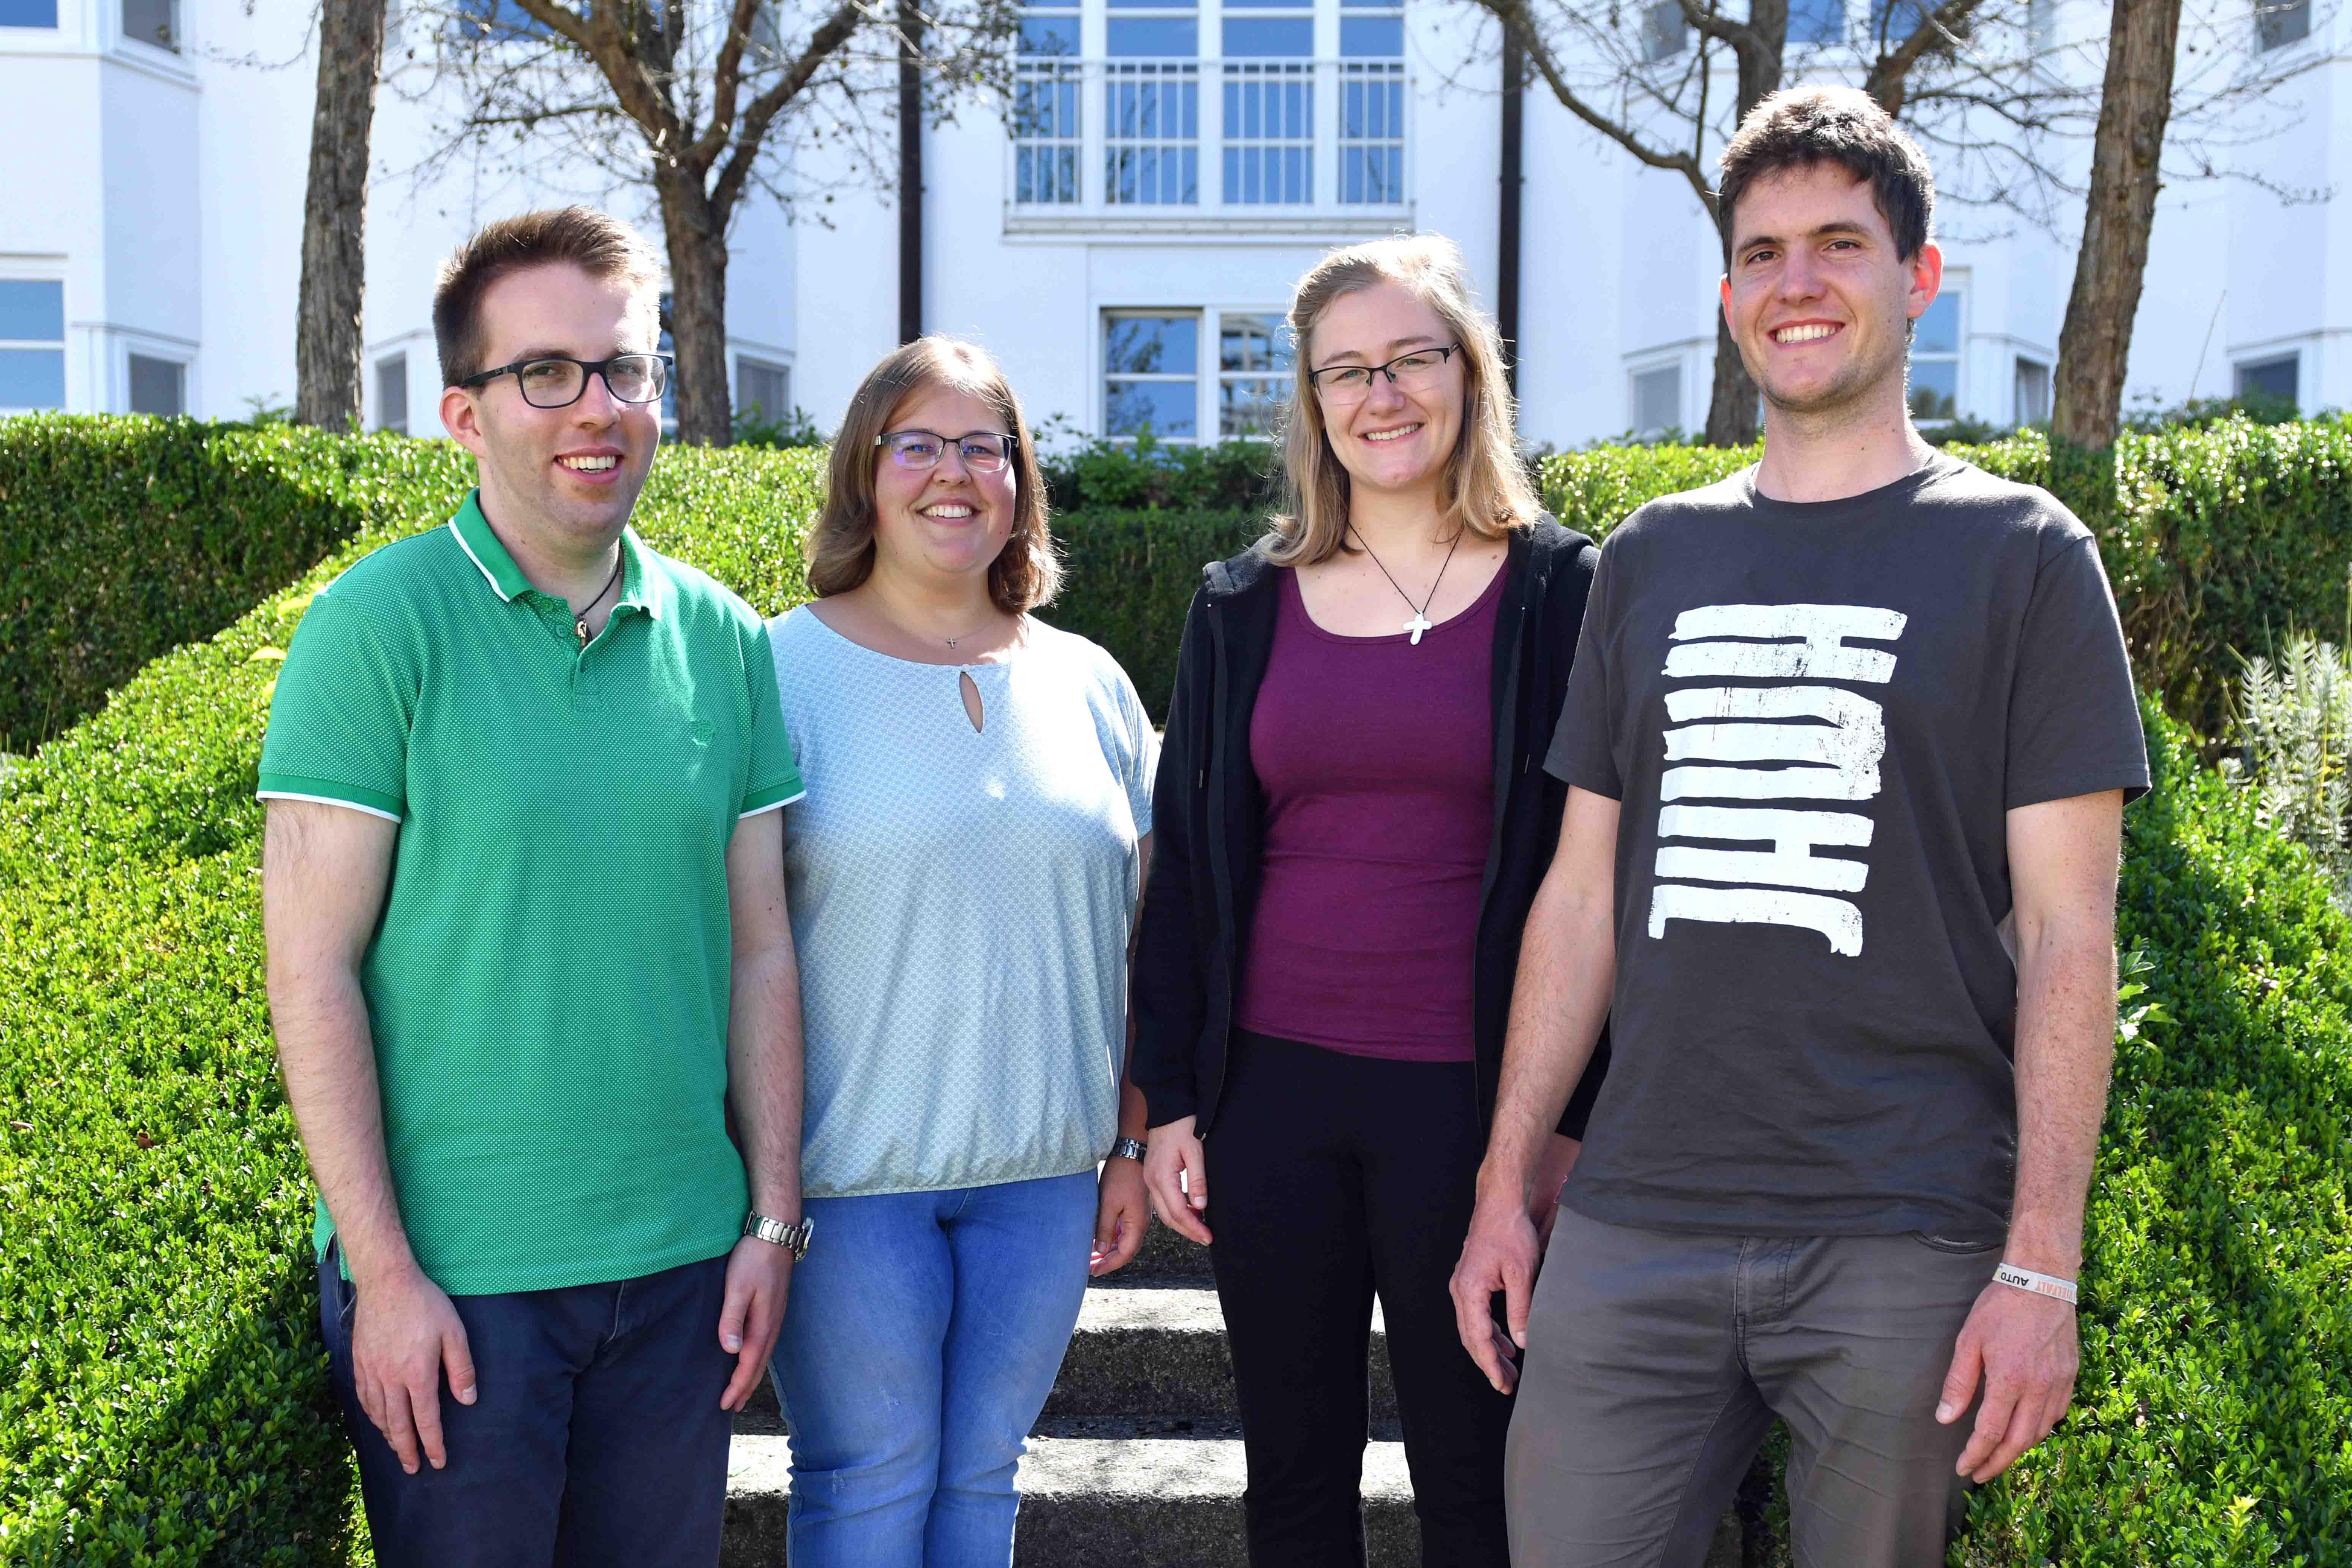 Die neuen Pastoralassistenten (v.l.) Patrick Lindermüller, Marina Sommerstorfer, Michaela Hertl und Matthias Daufratshofer. (Foto: Nicolas Schnall / pba)